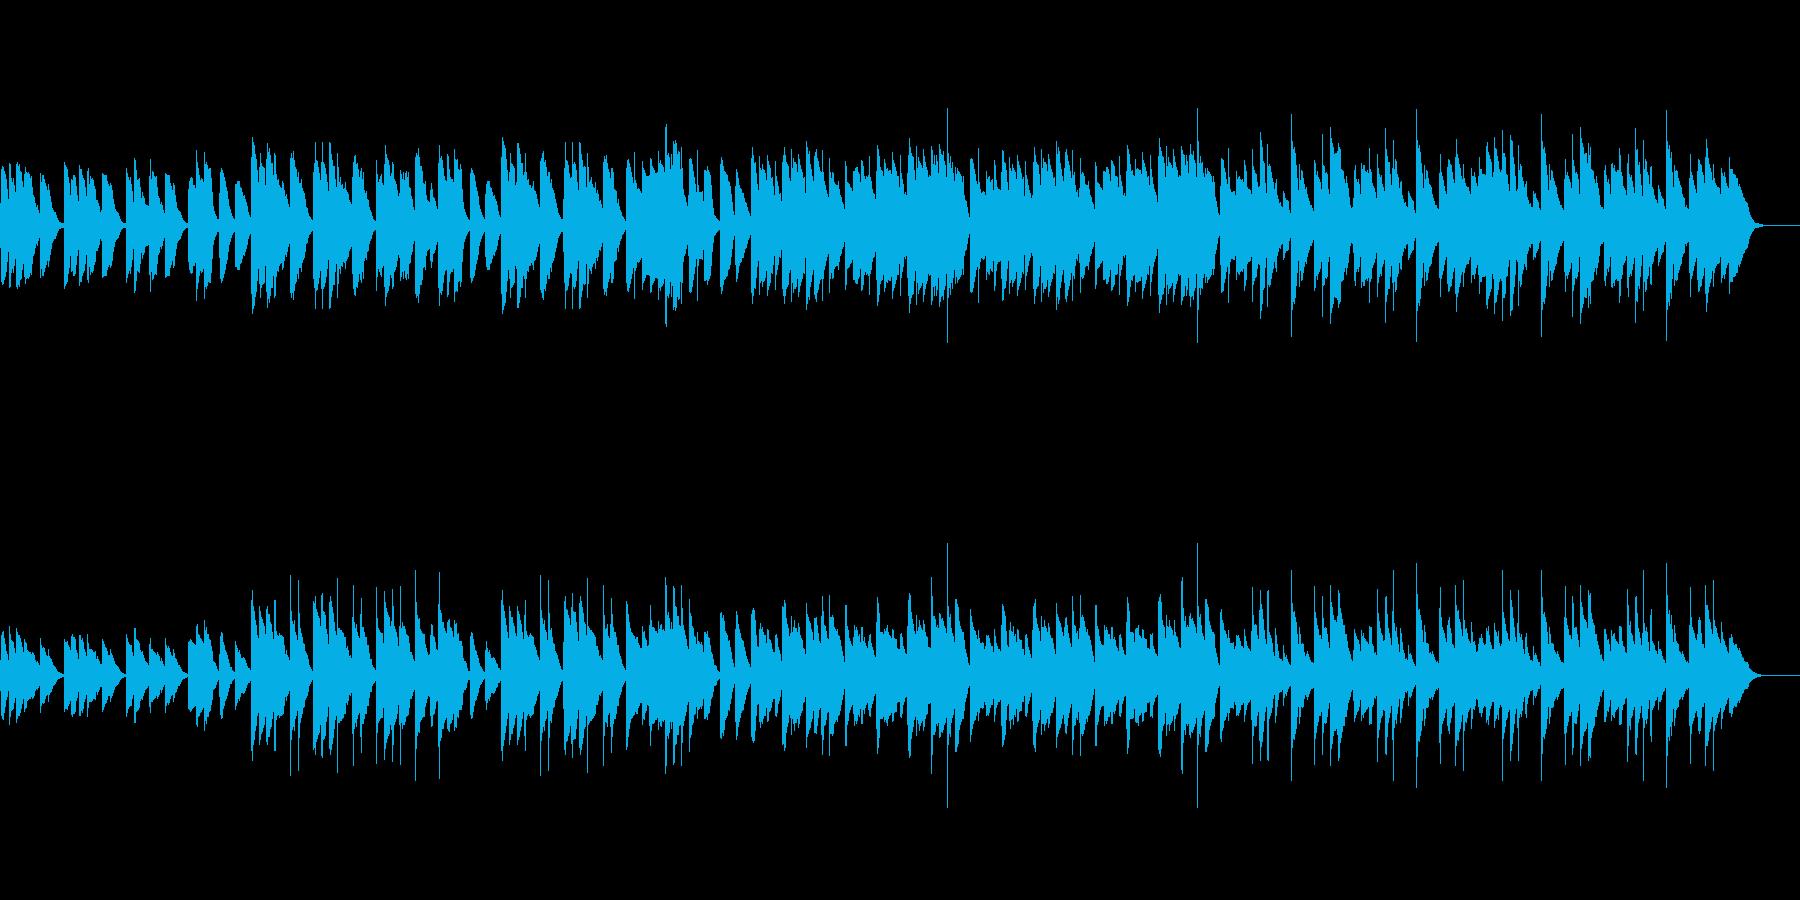 美術館をイメージしたピアノとカリンバの曲の再生済みの波形